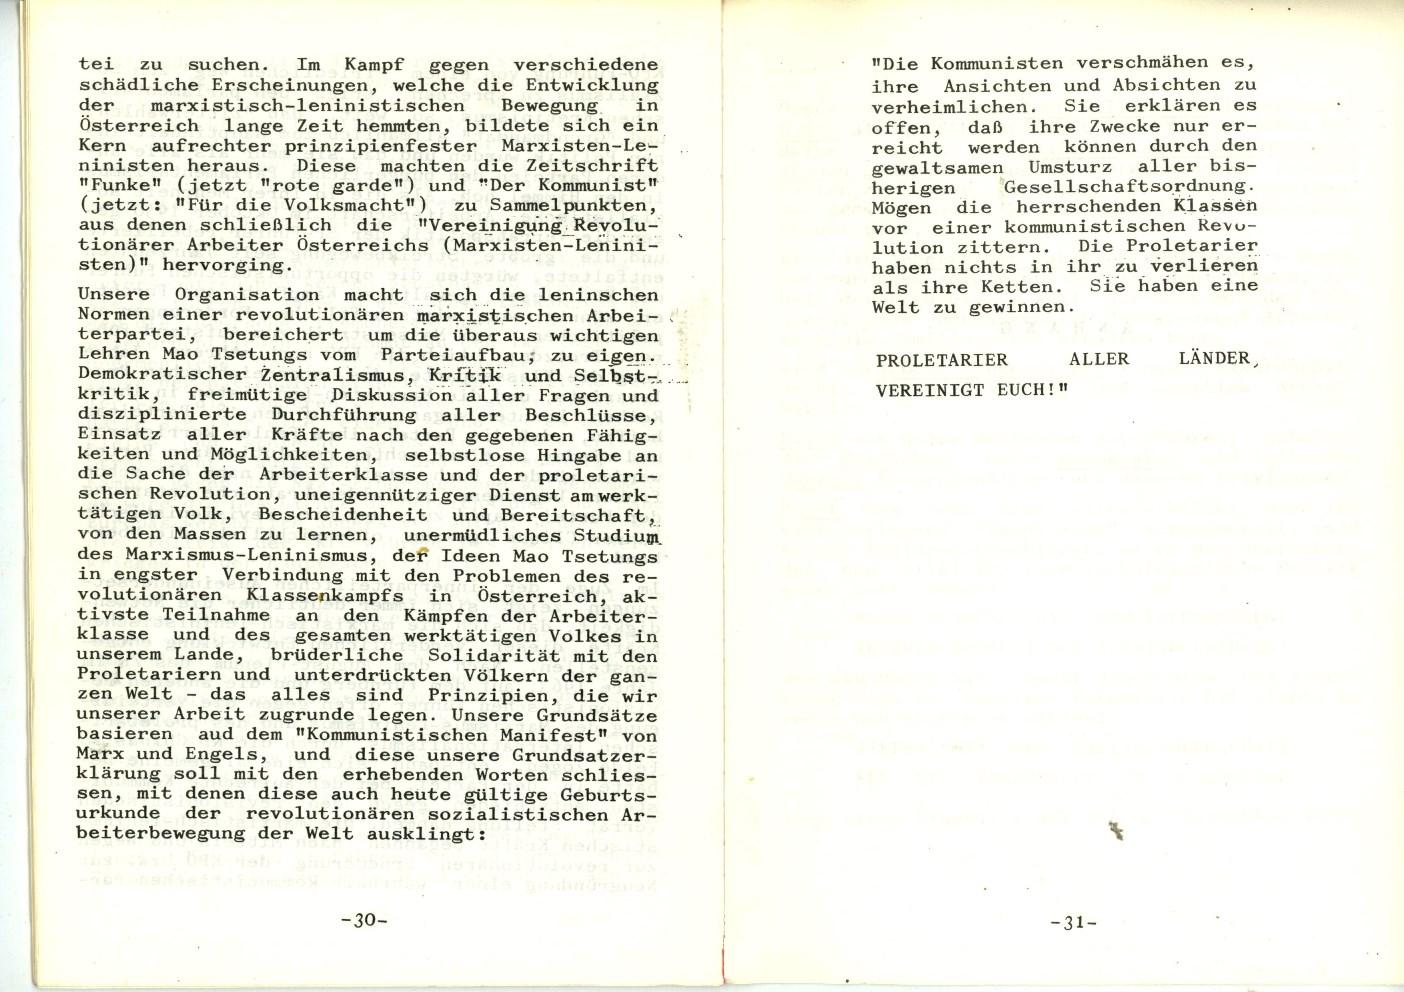 VRA_Grundsatzerklaerung_1971_17